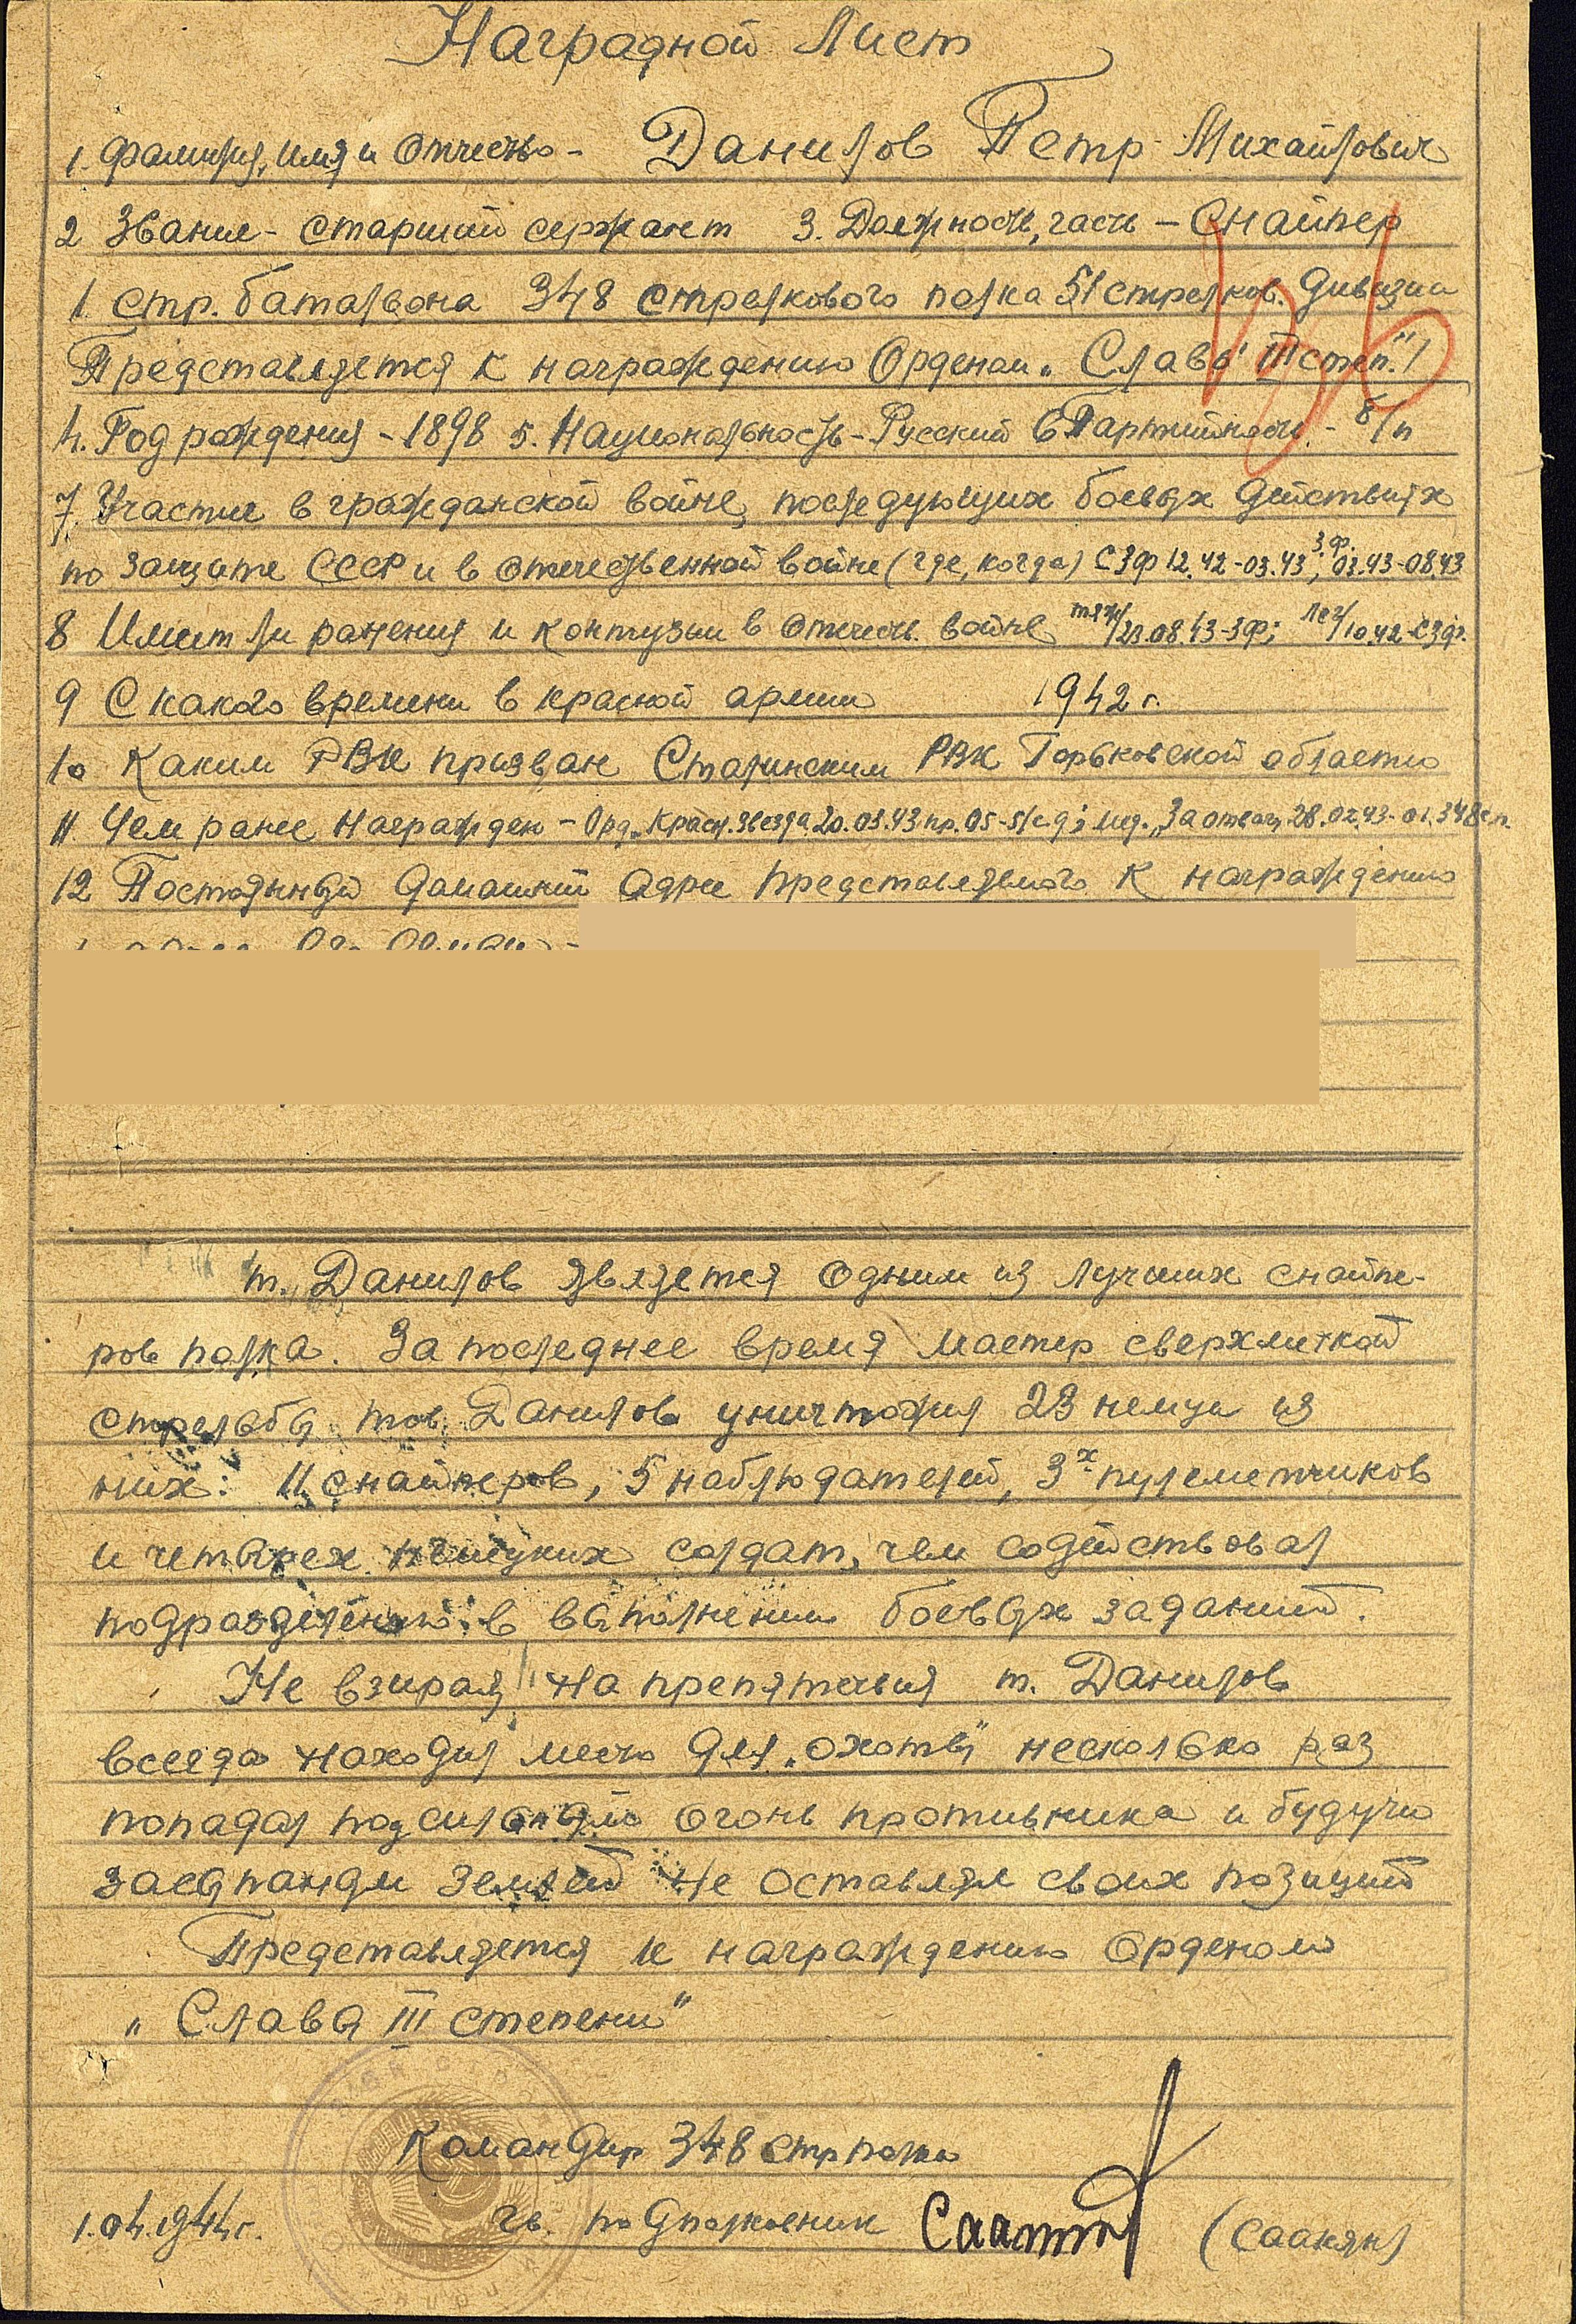 Наградной лист Данилова Петра Михайловича к ордену Славы III степени